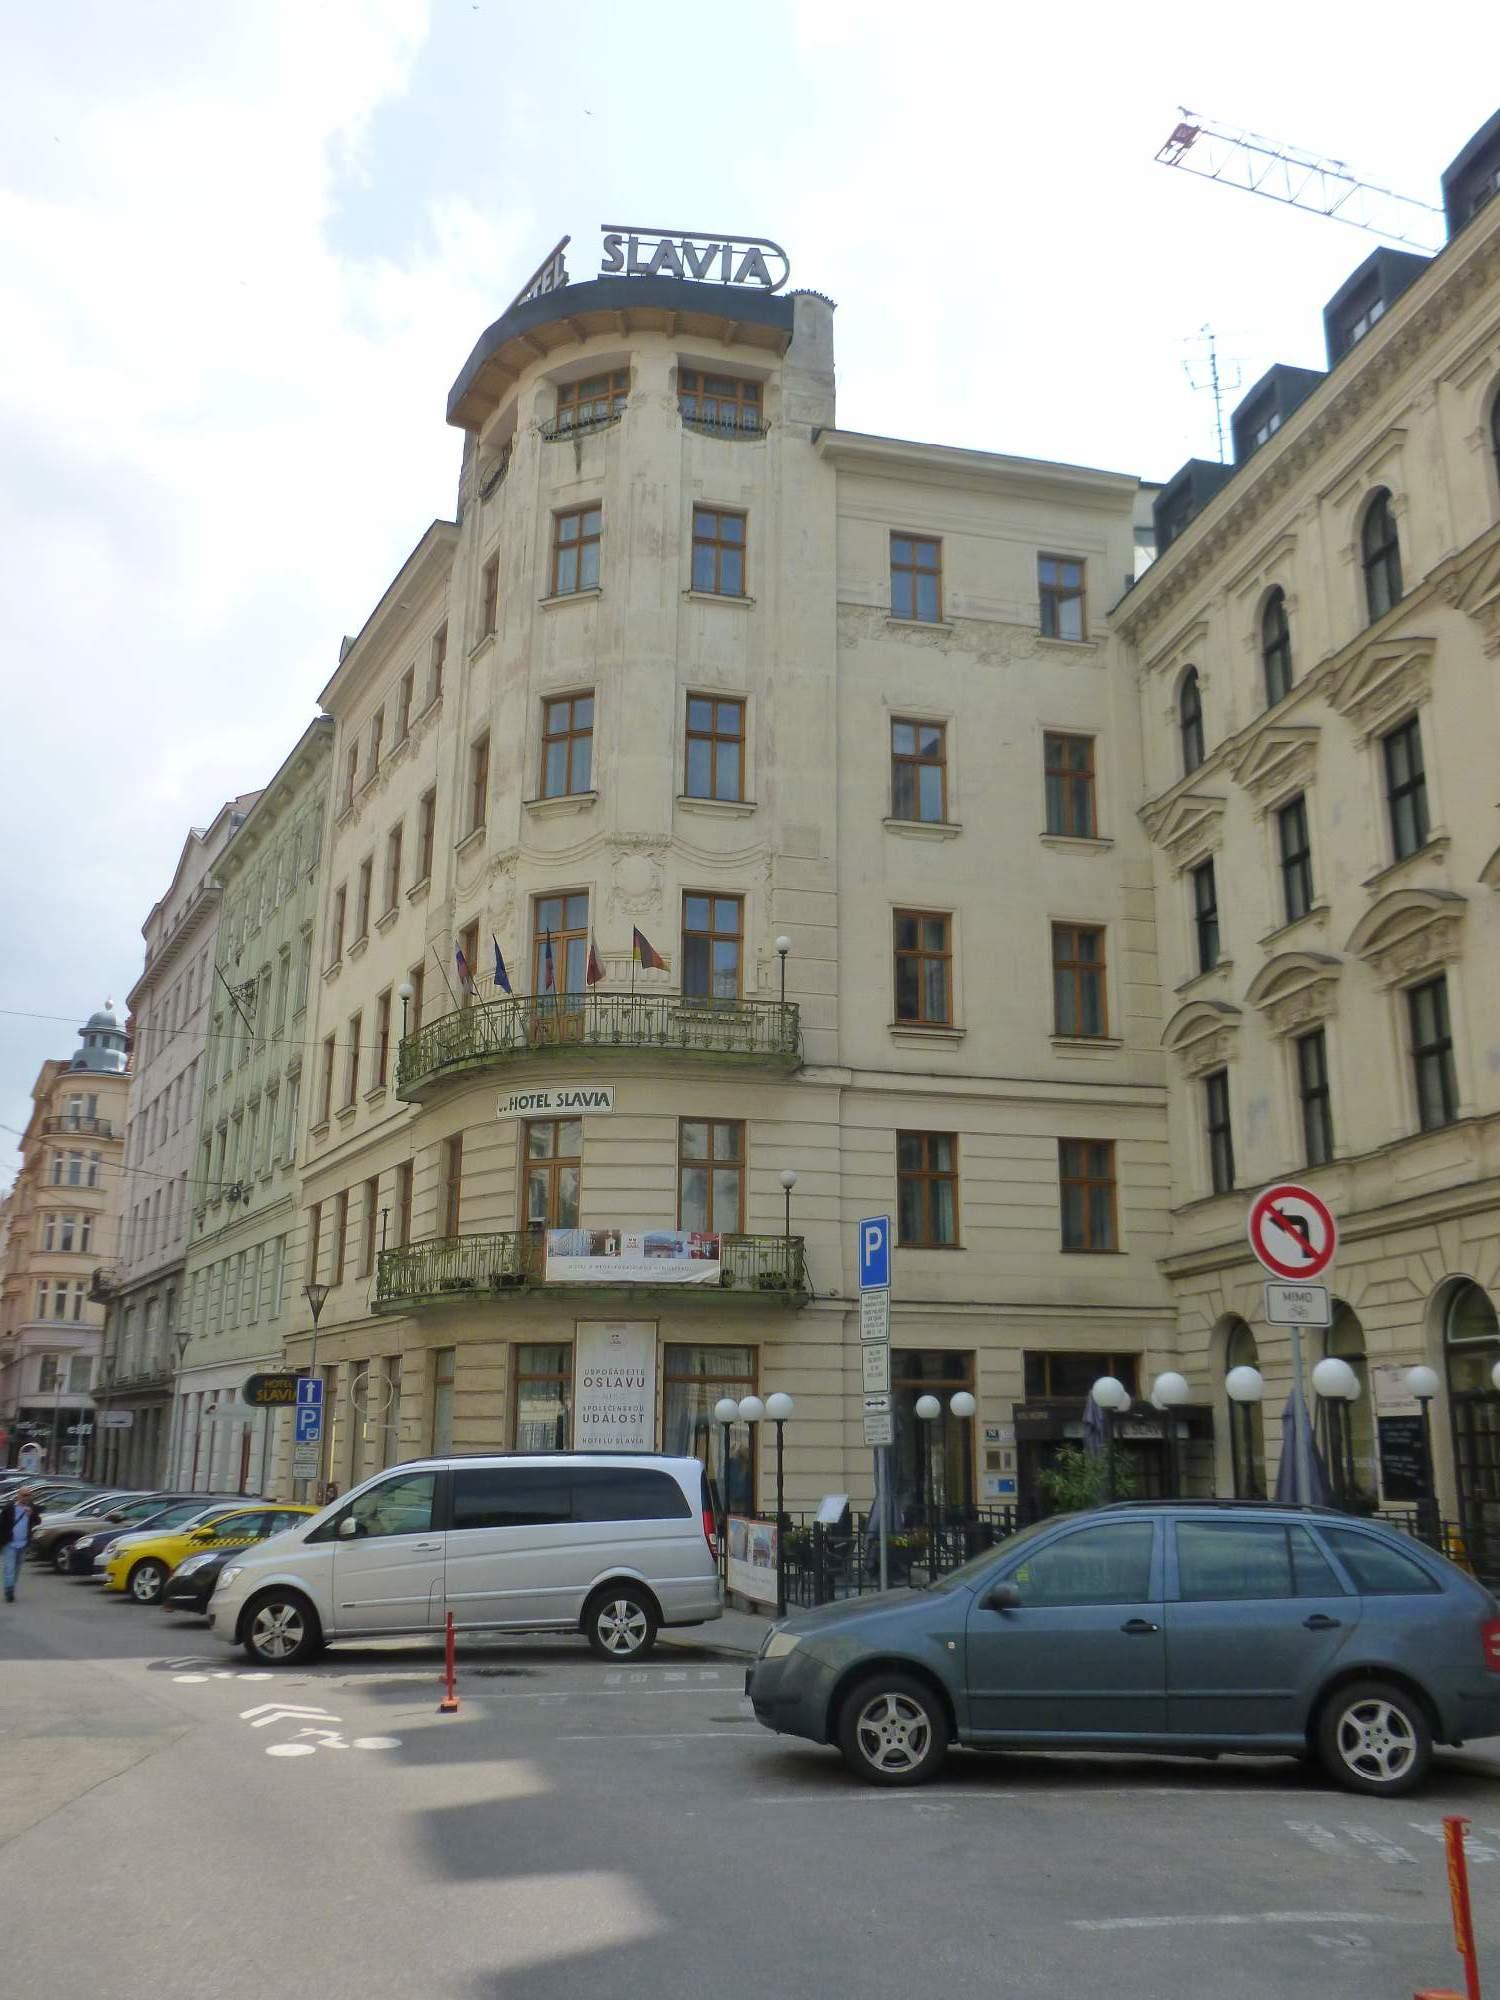 Mezi nejlepší brněnské hotely patřil hotel Slavia, který byl otevřen na konci devatenáctého století. Foto: Kristýna Hortvíková